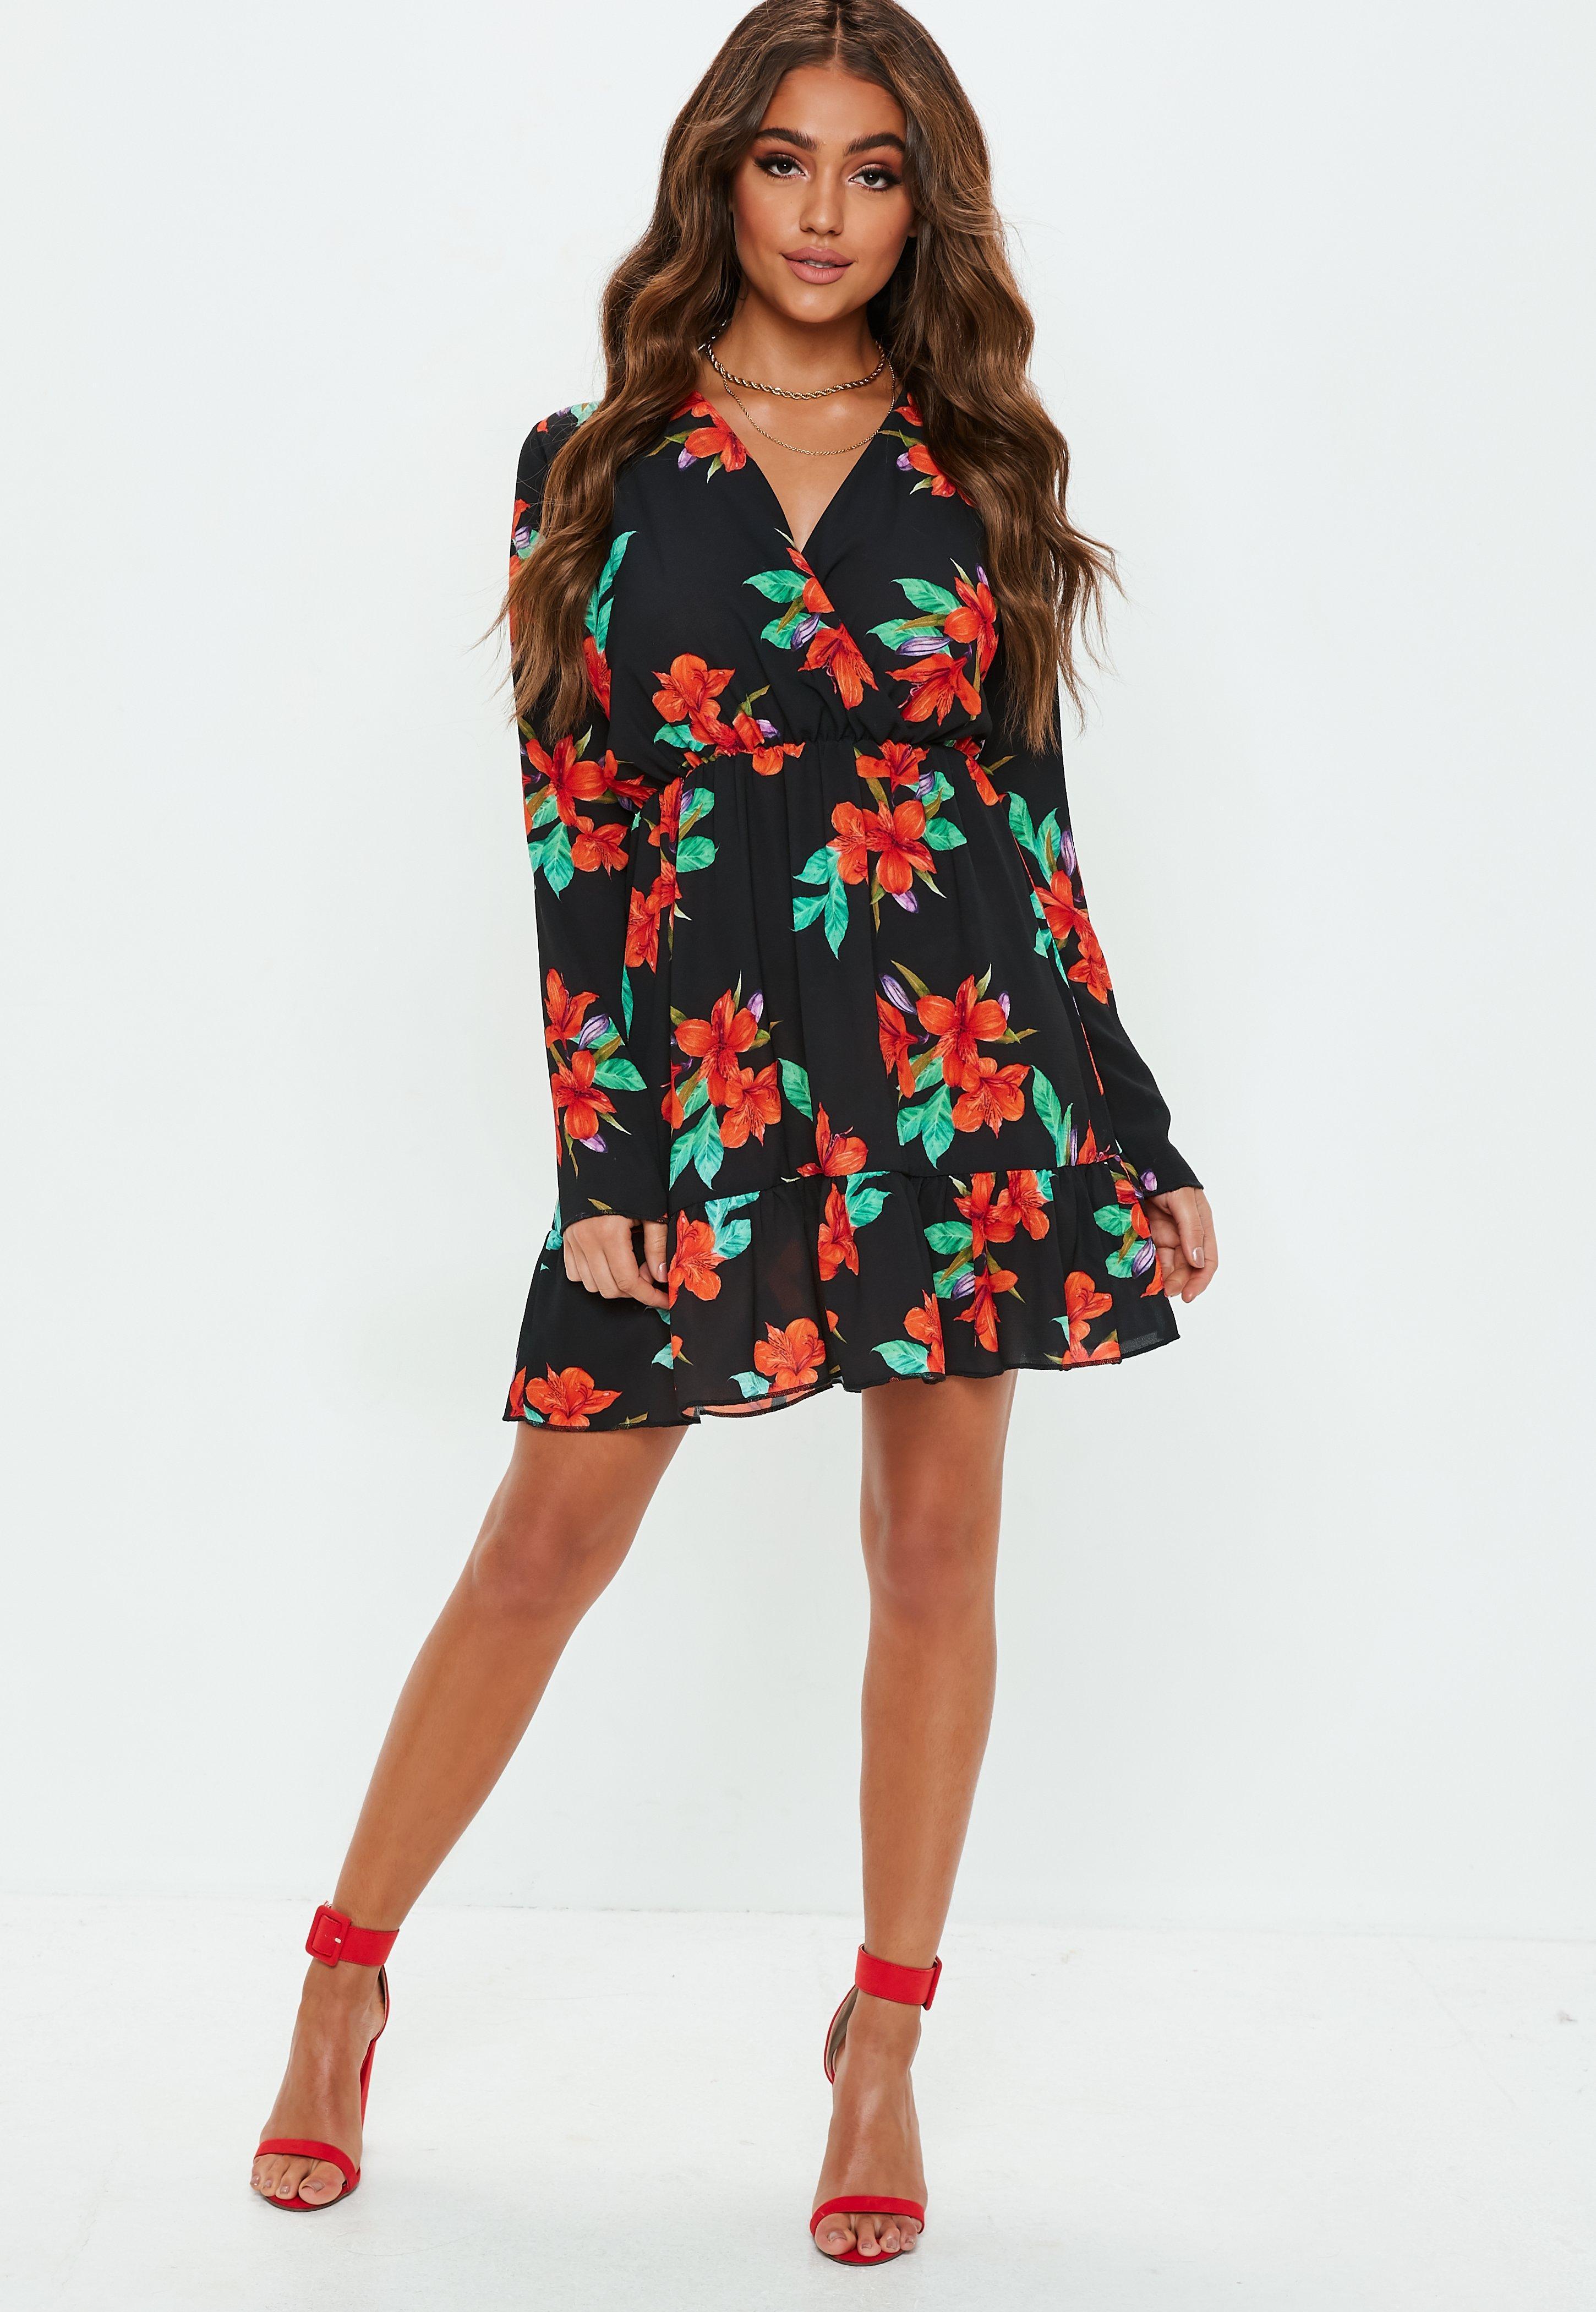 c58556e5e474 Missguided - Black Floral Plunge Skater Dress - Lyst. View fullscreen